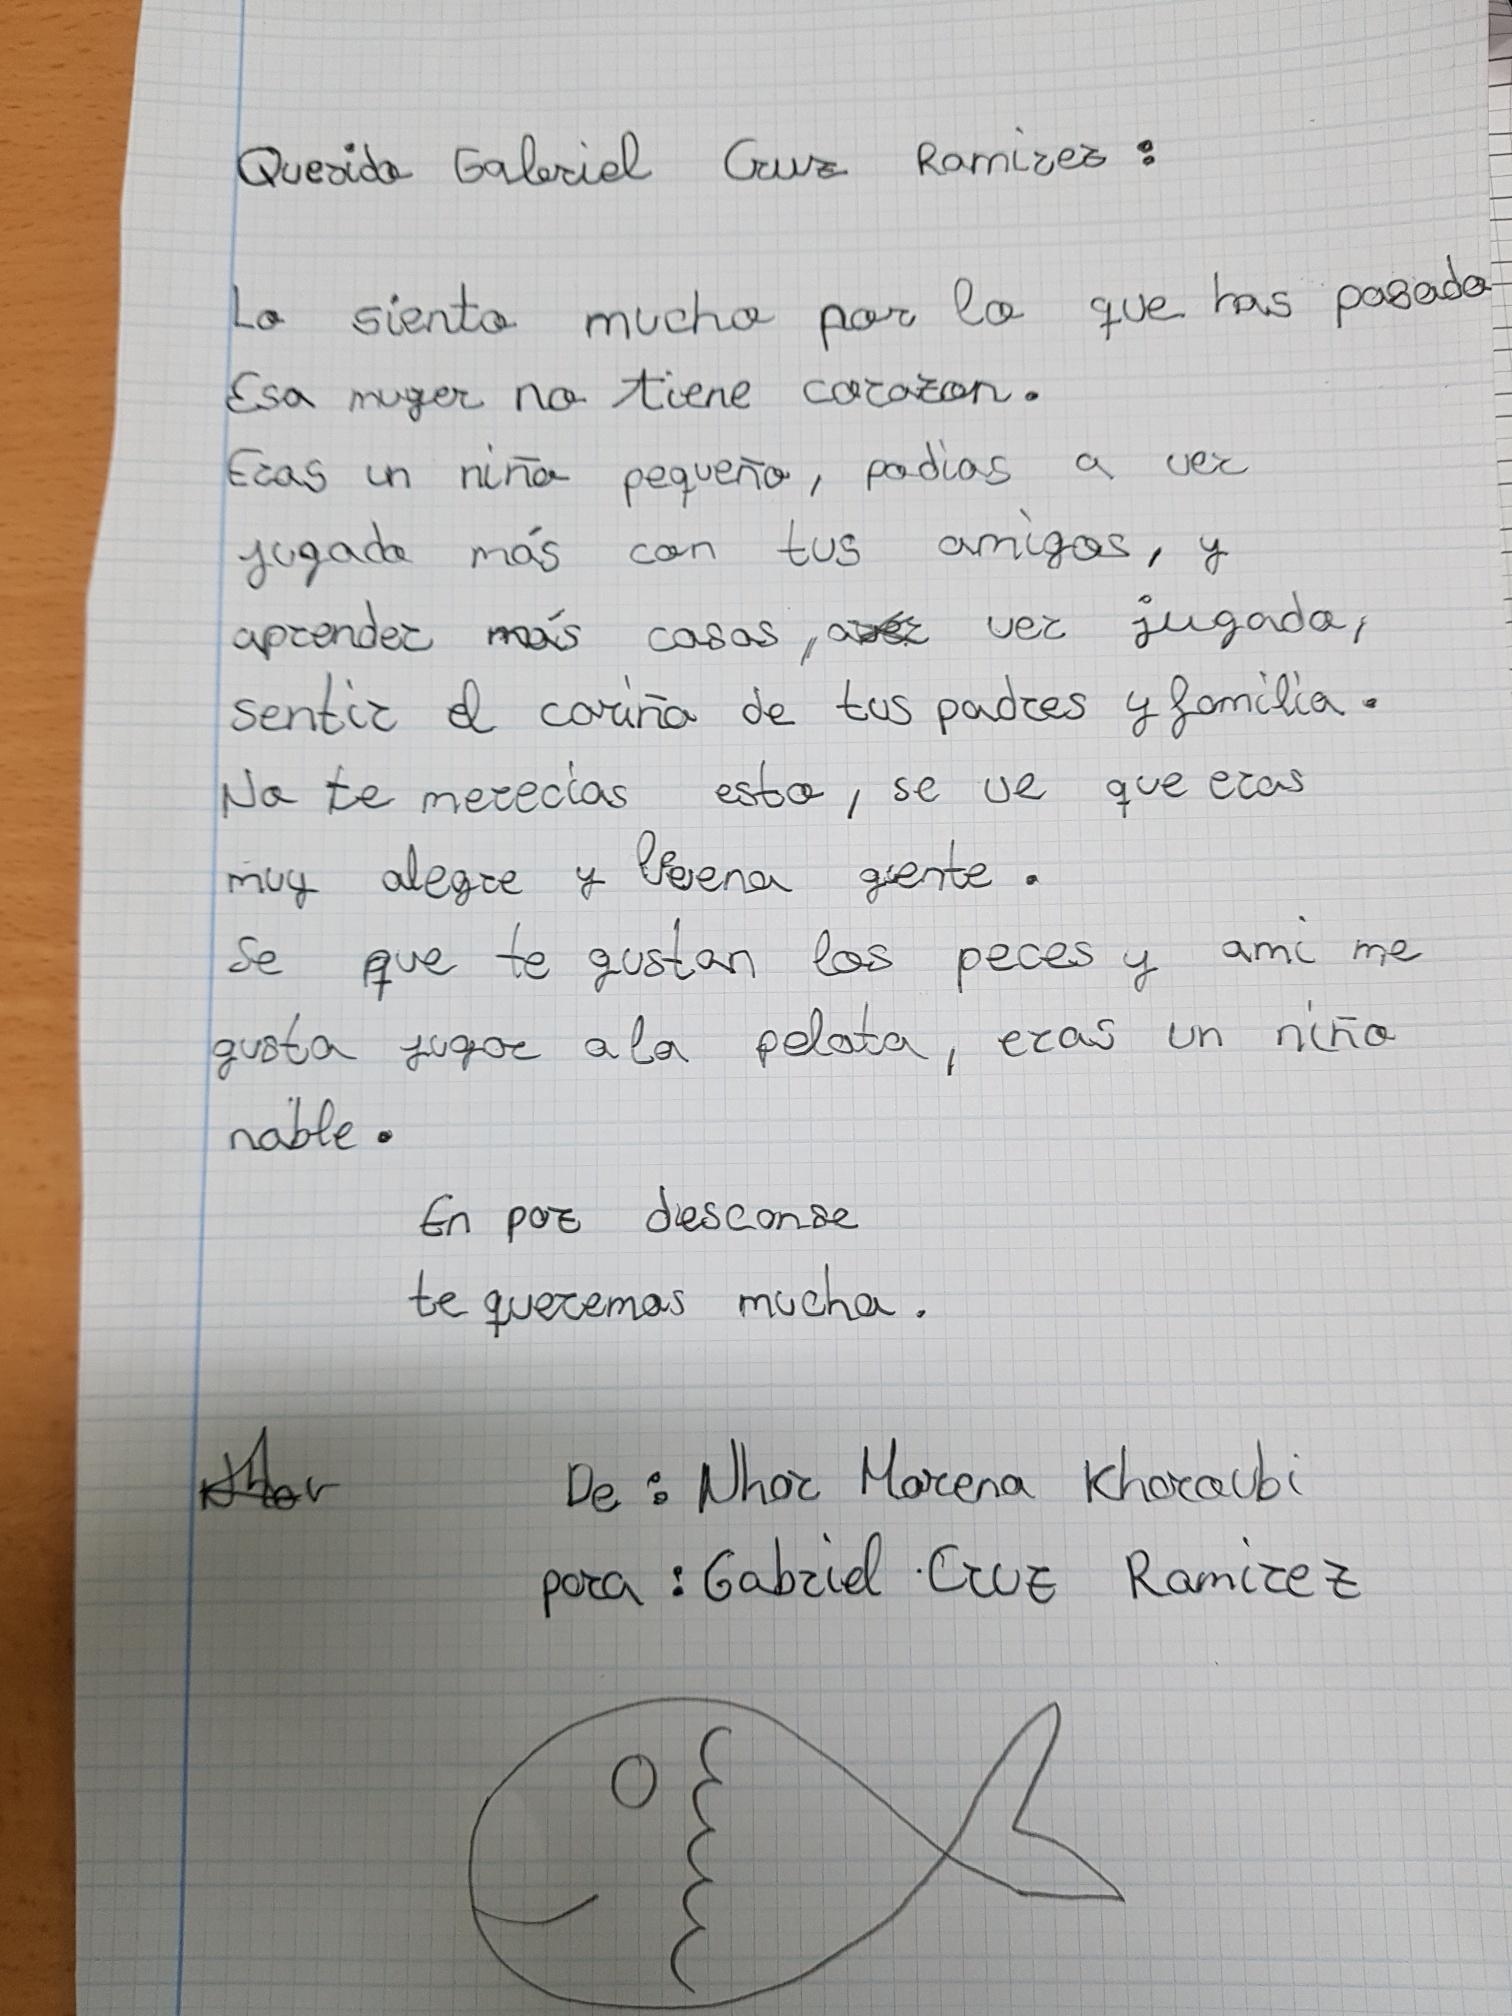 Asombroso Carta De Presentación Para El Maestro De Reanudar ...